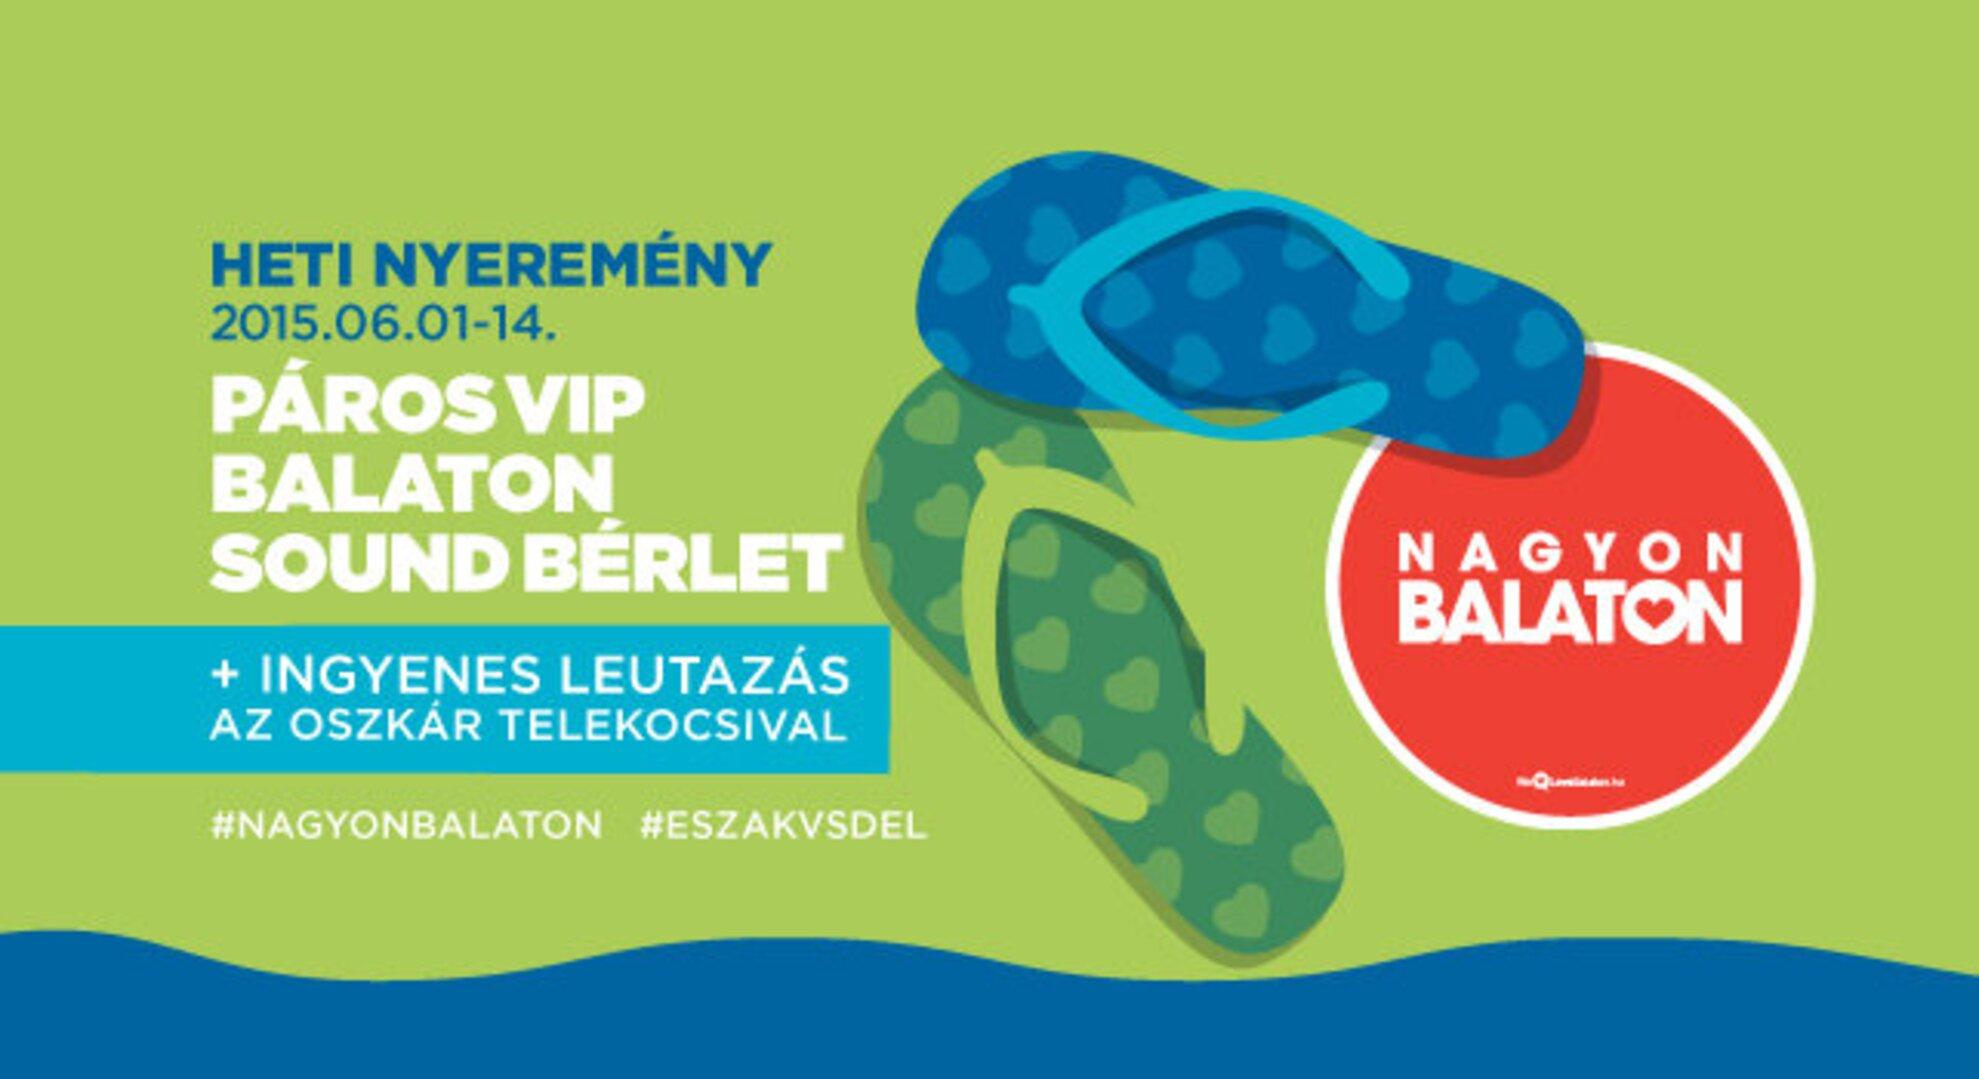 NYERJ PÁROS VIP BALATON SOUND BÉRLETET!